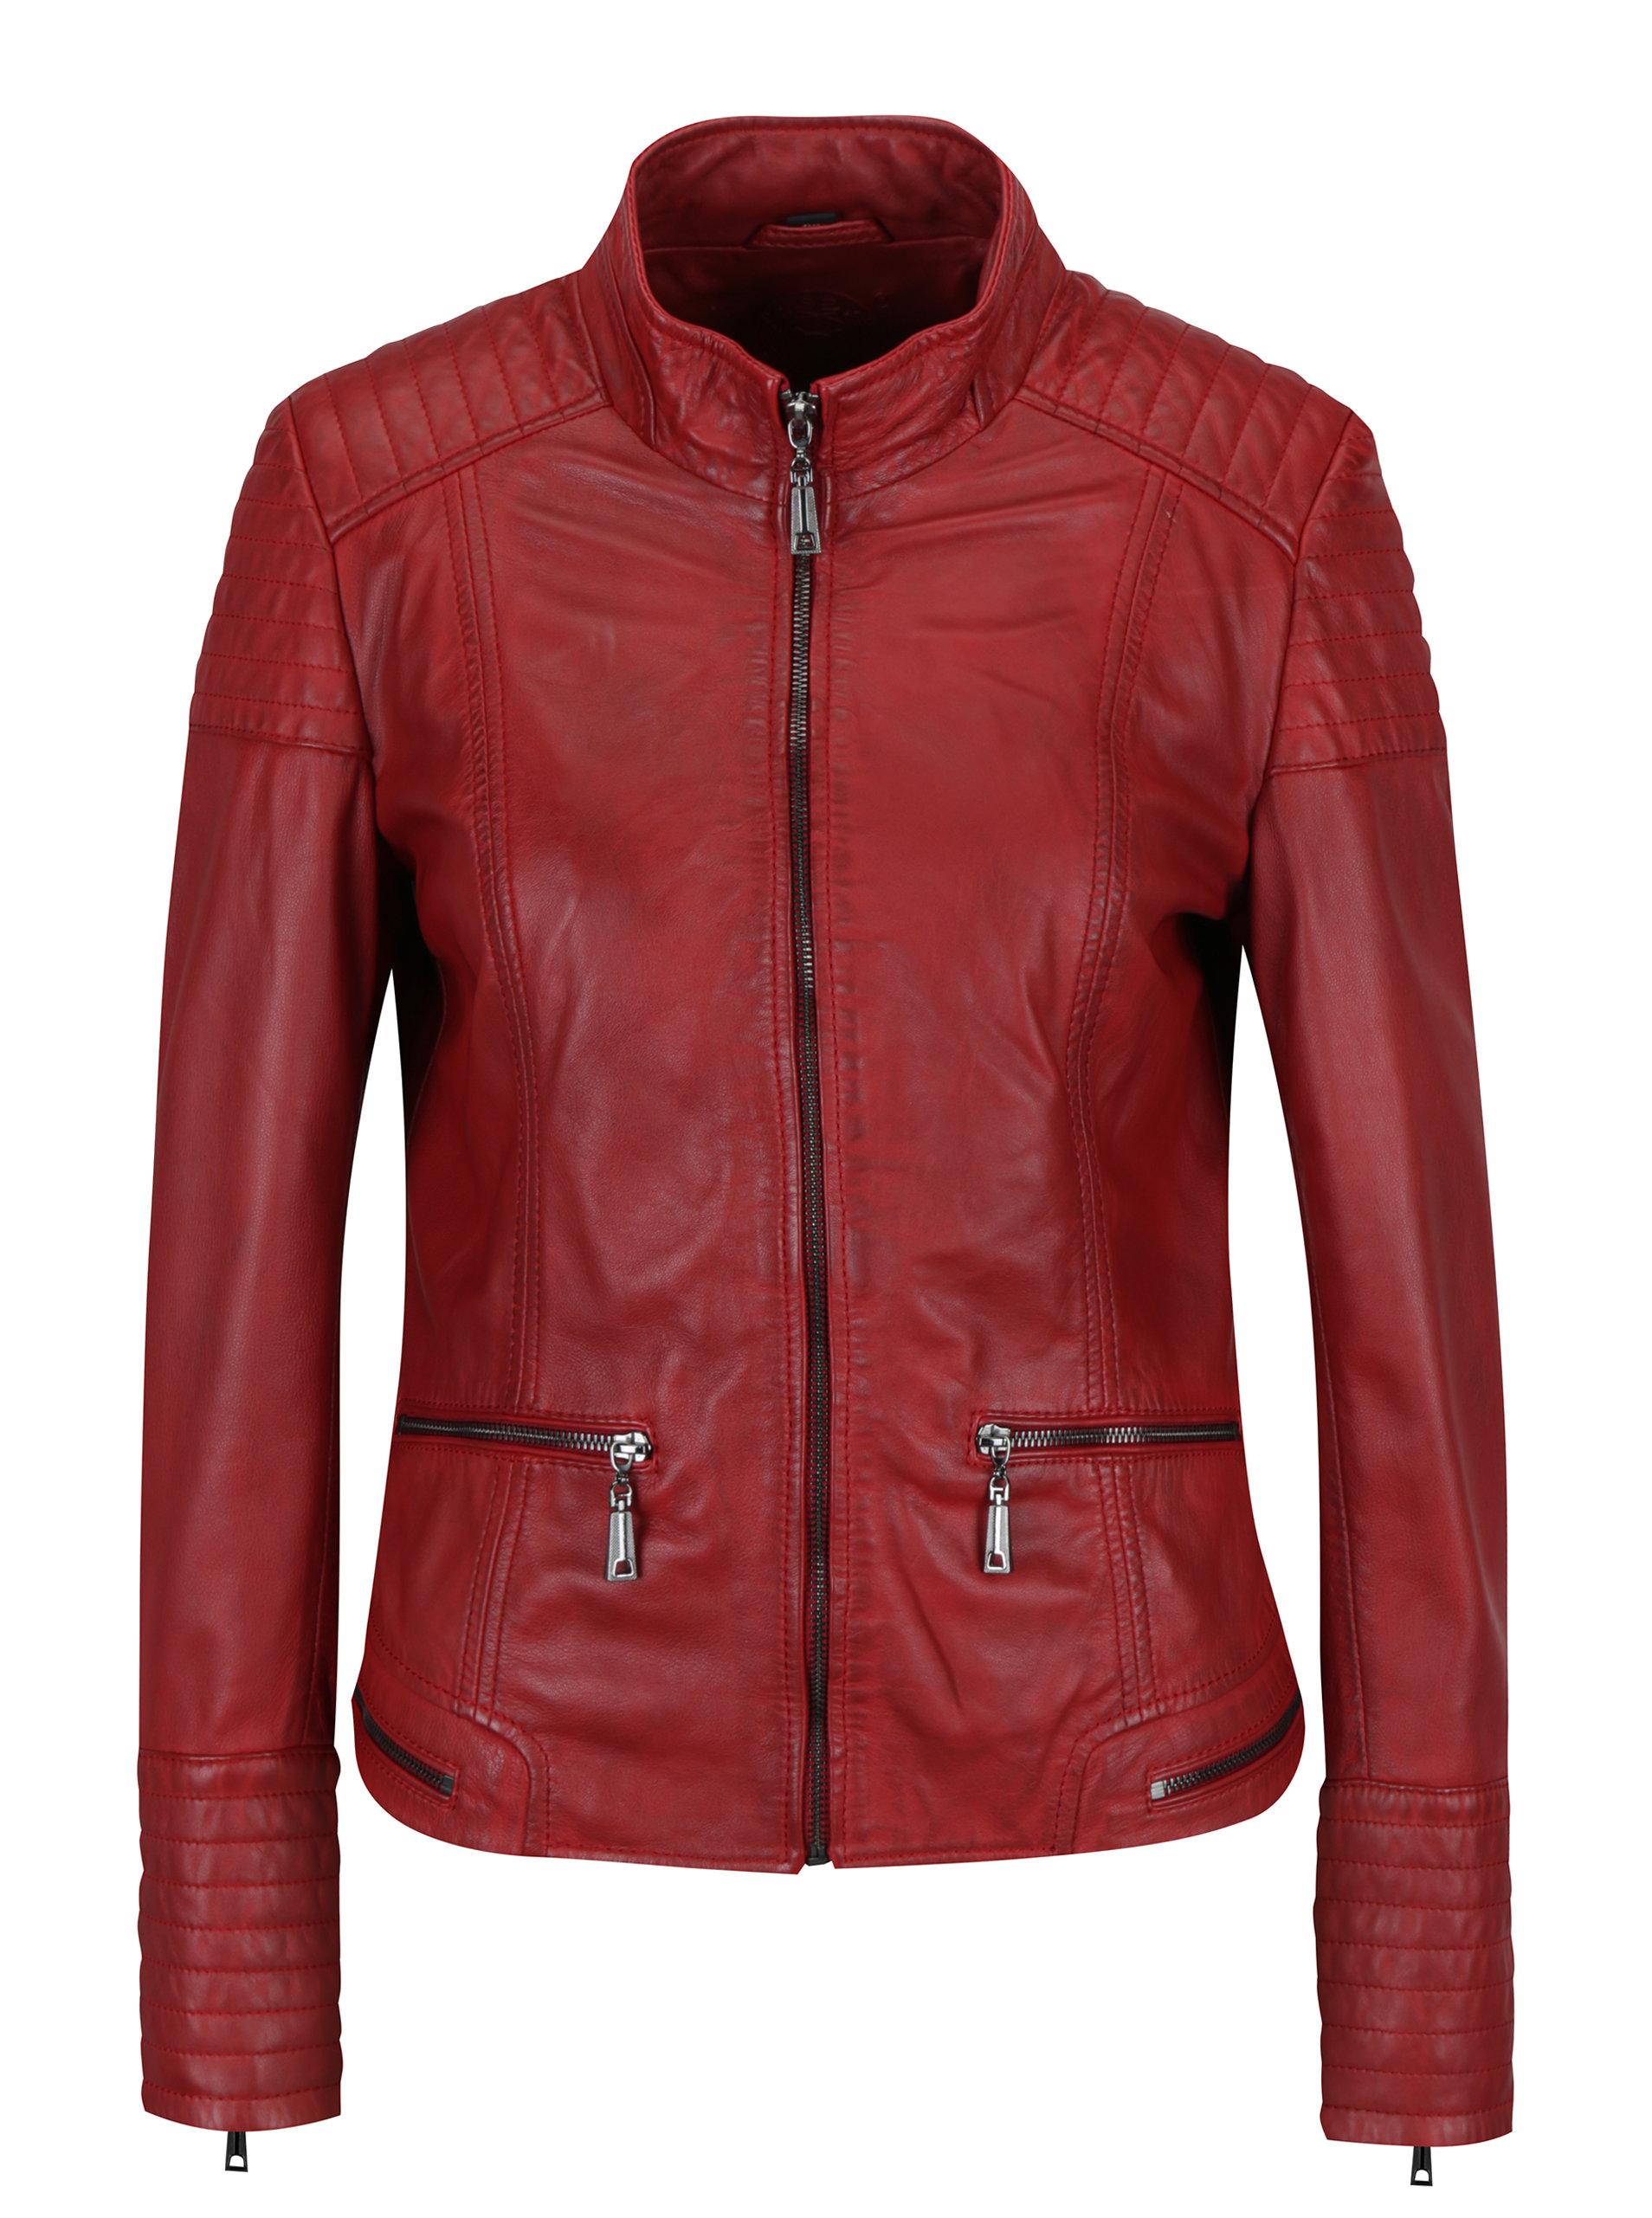 Červená dámská kožená bunda s prošívanými detaily KARA Pavlina ... 653bbffa9bf